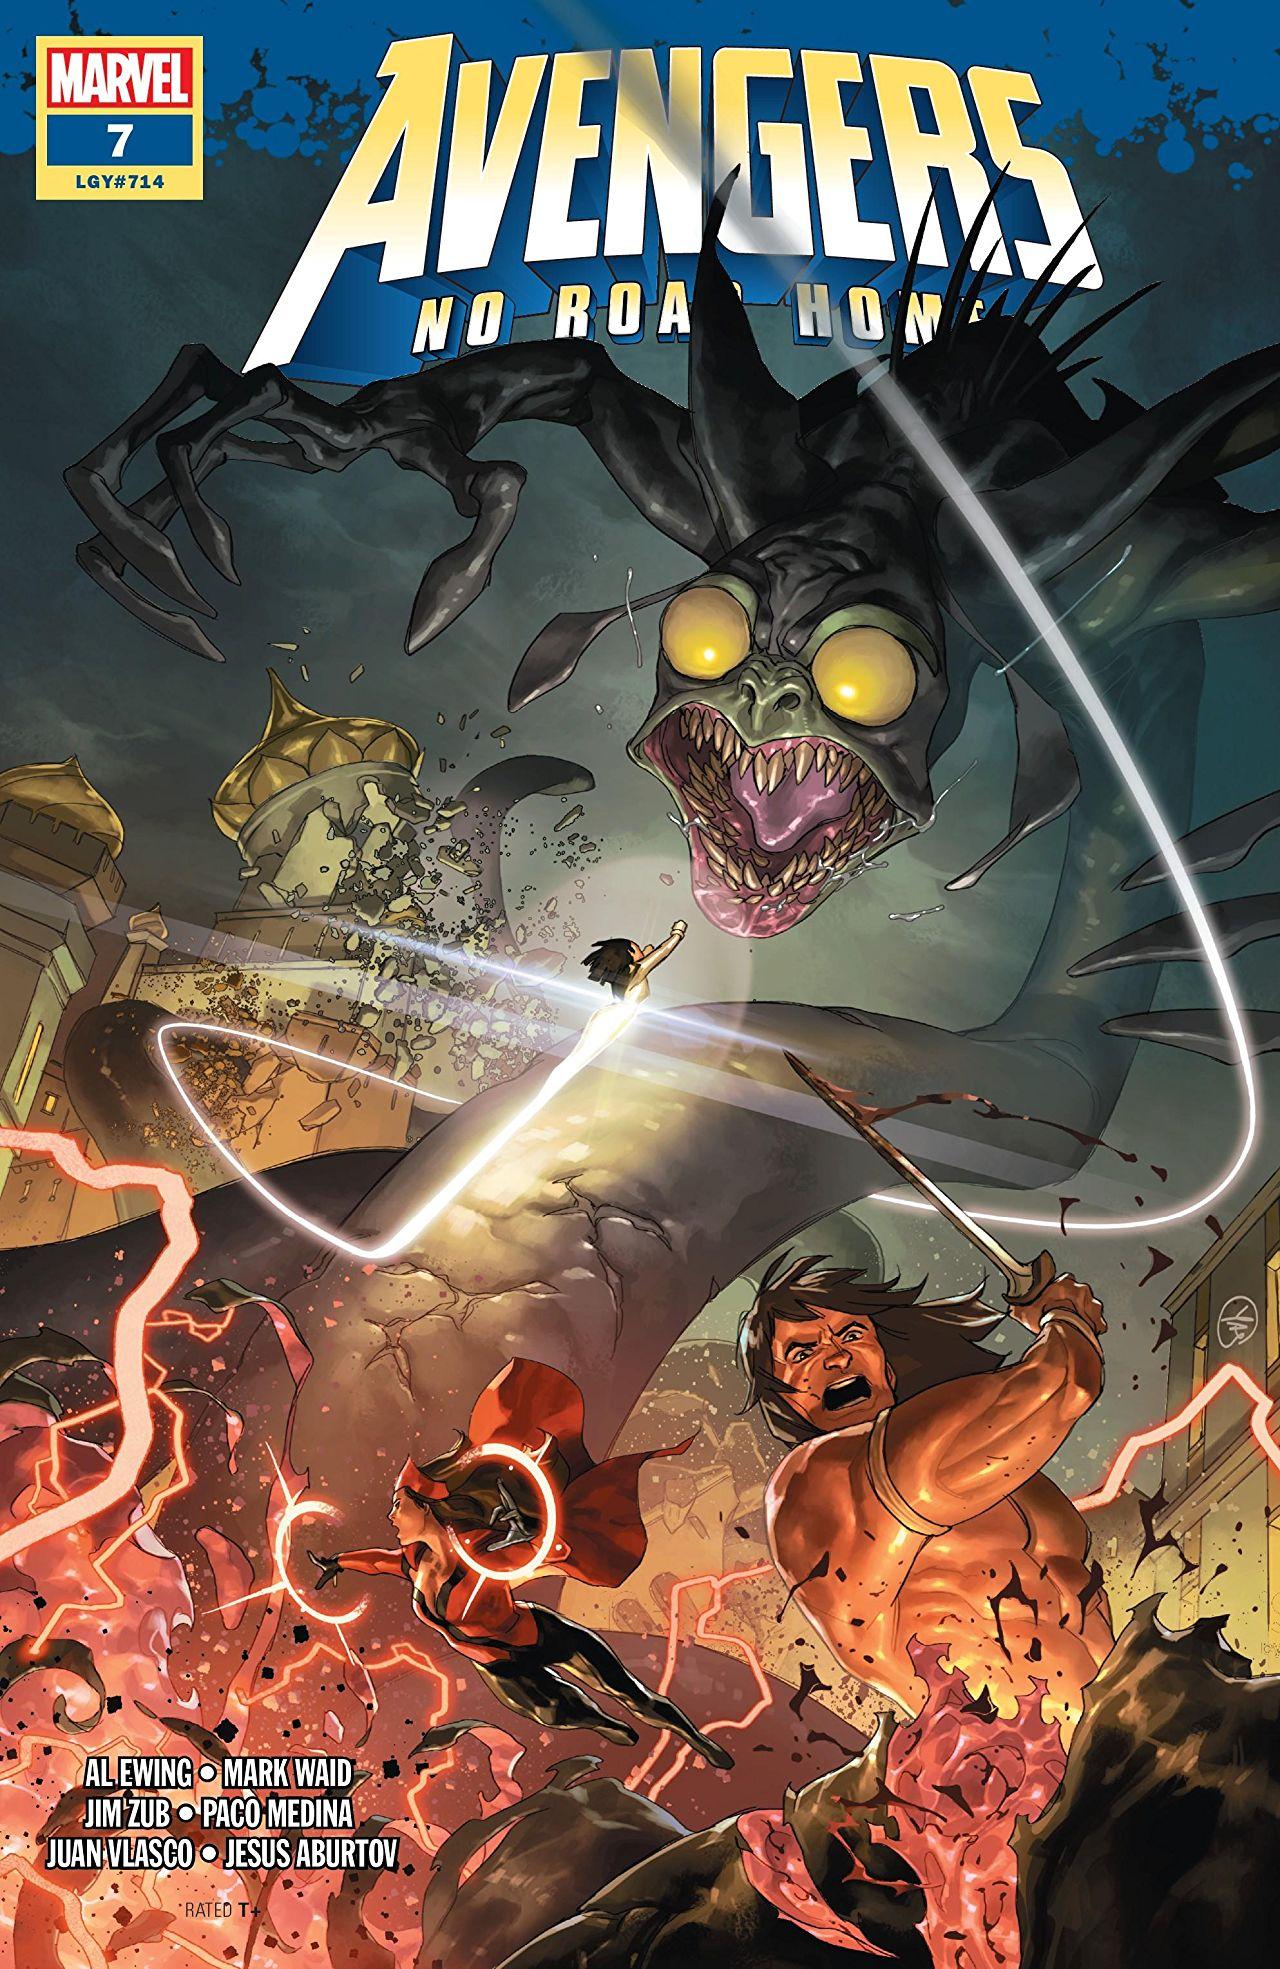 Avengers No Road Home Vol 1 7